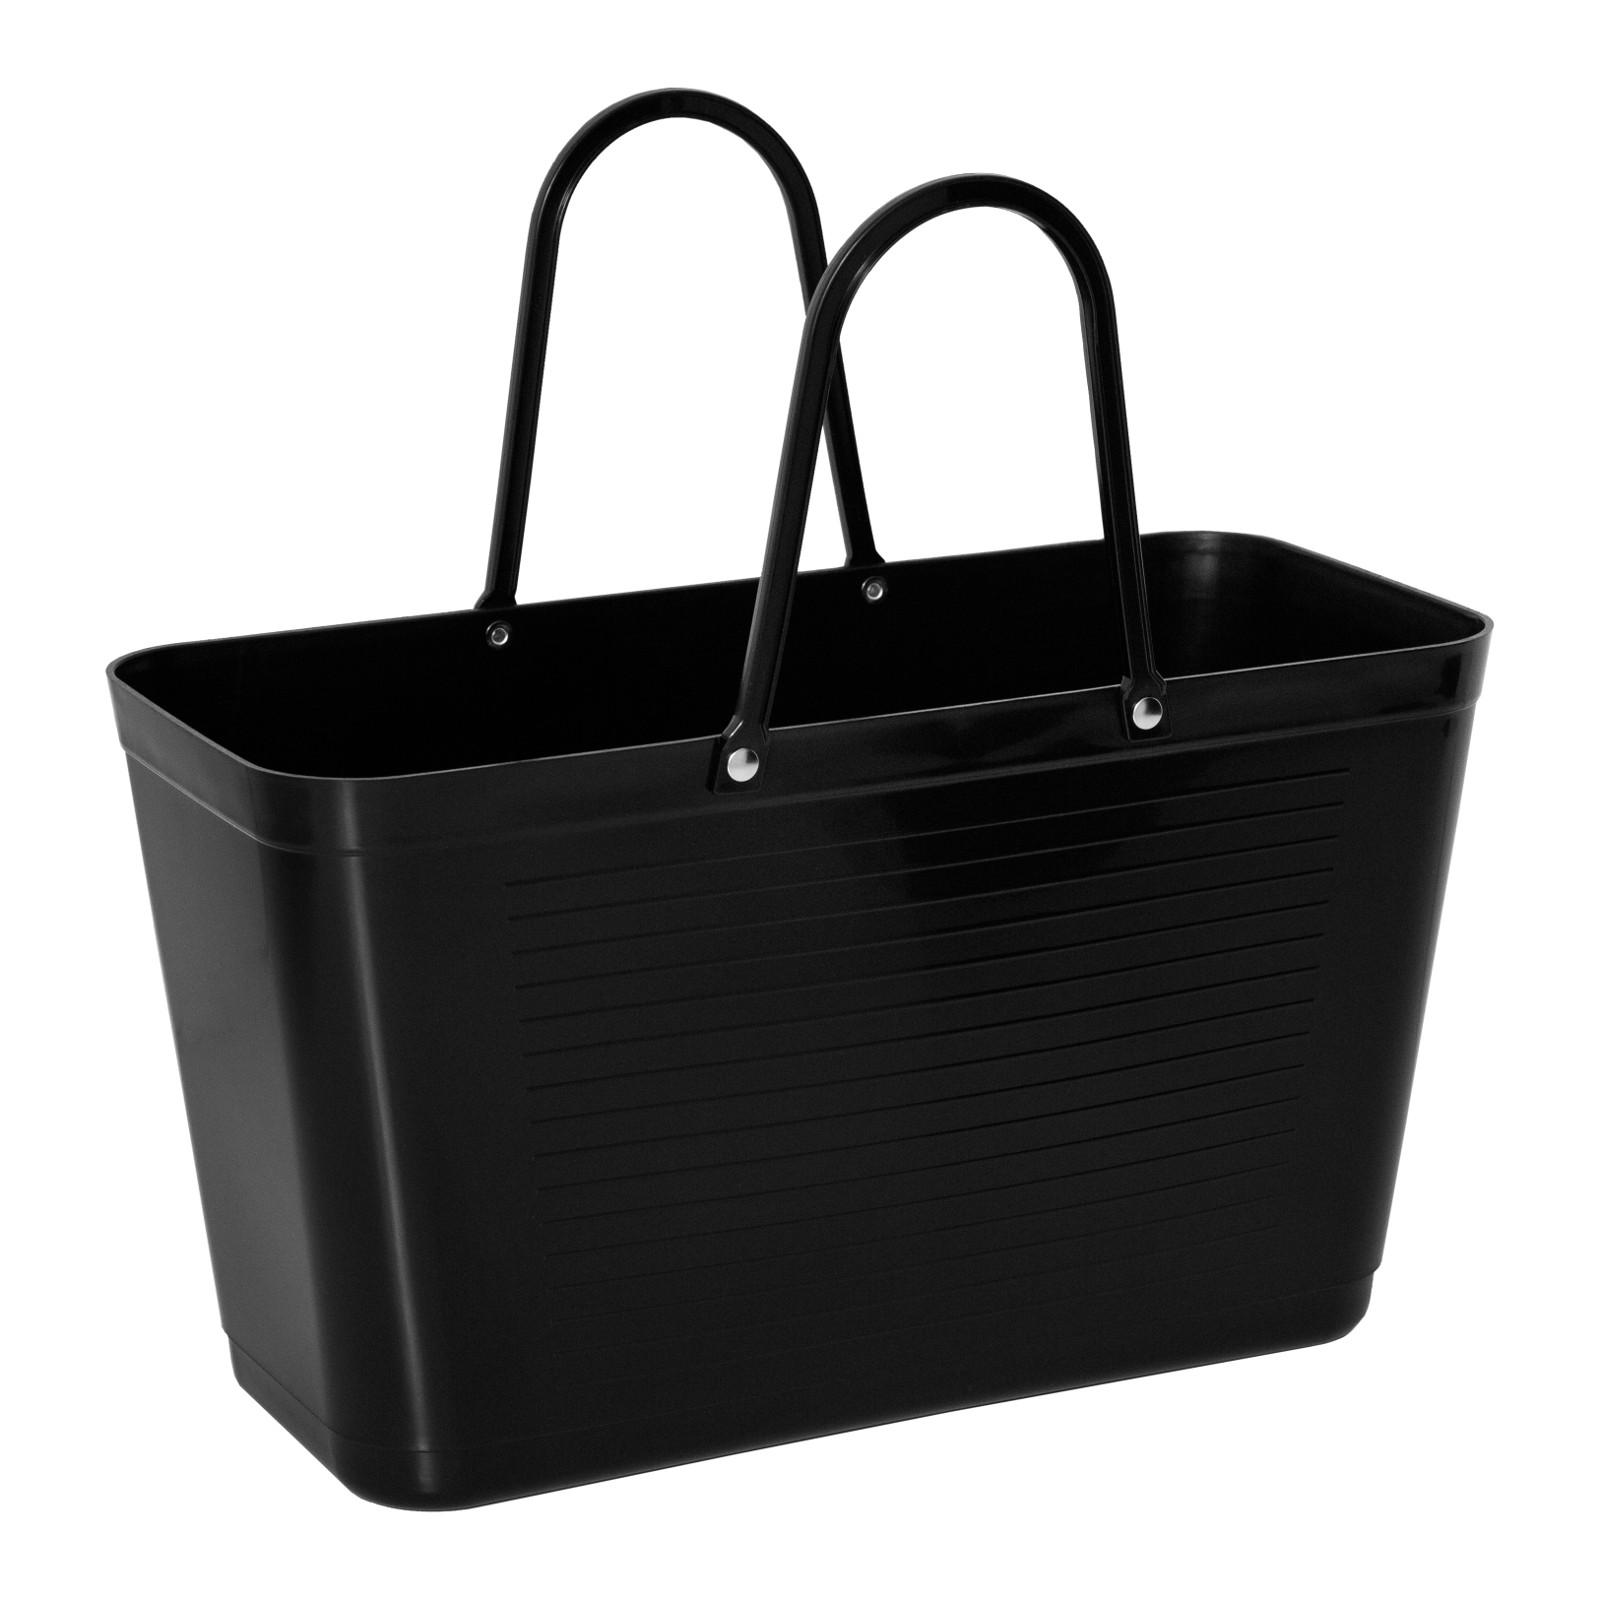 hinza 006-hinza-bag-large-black